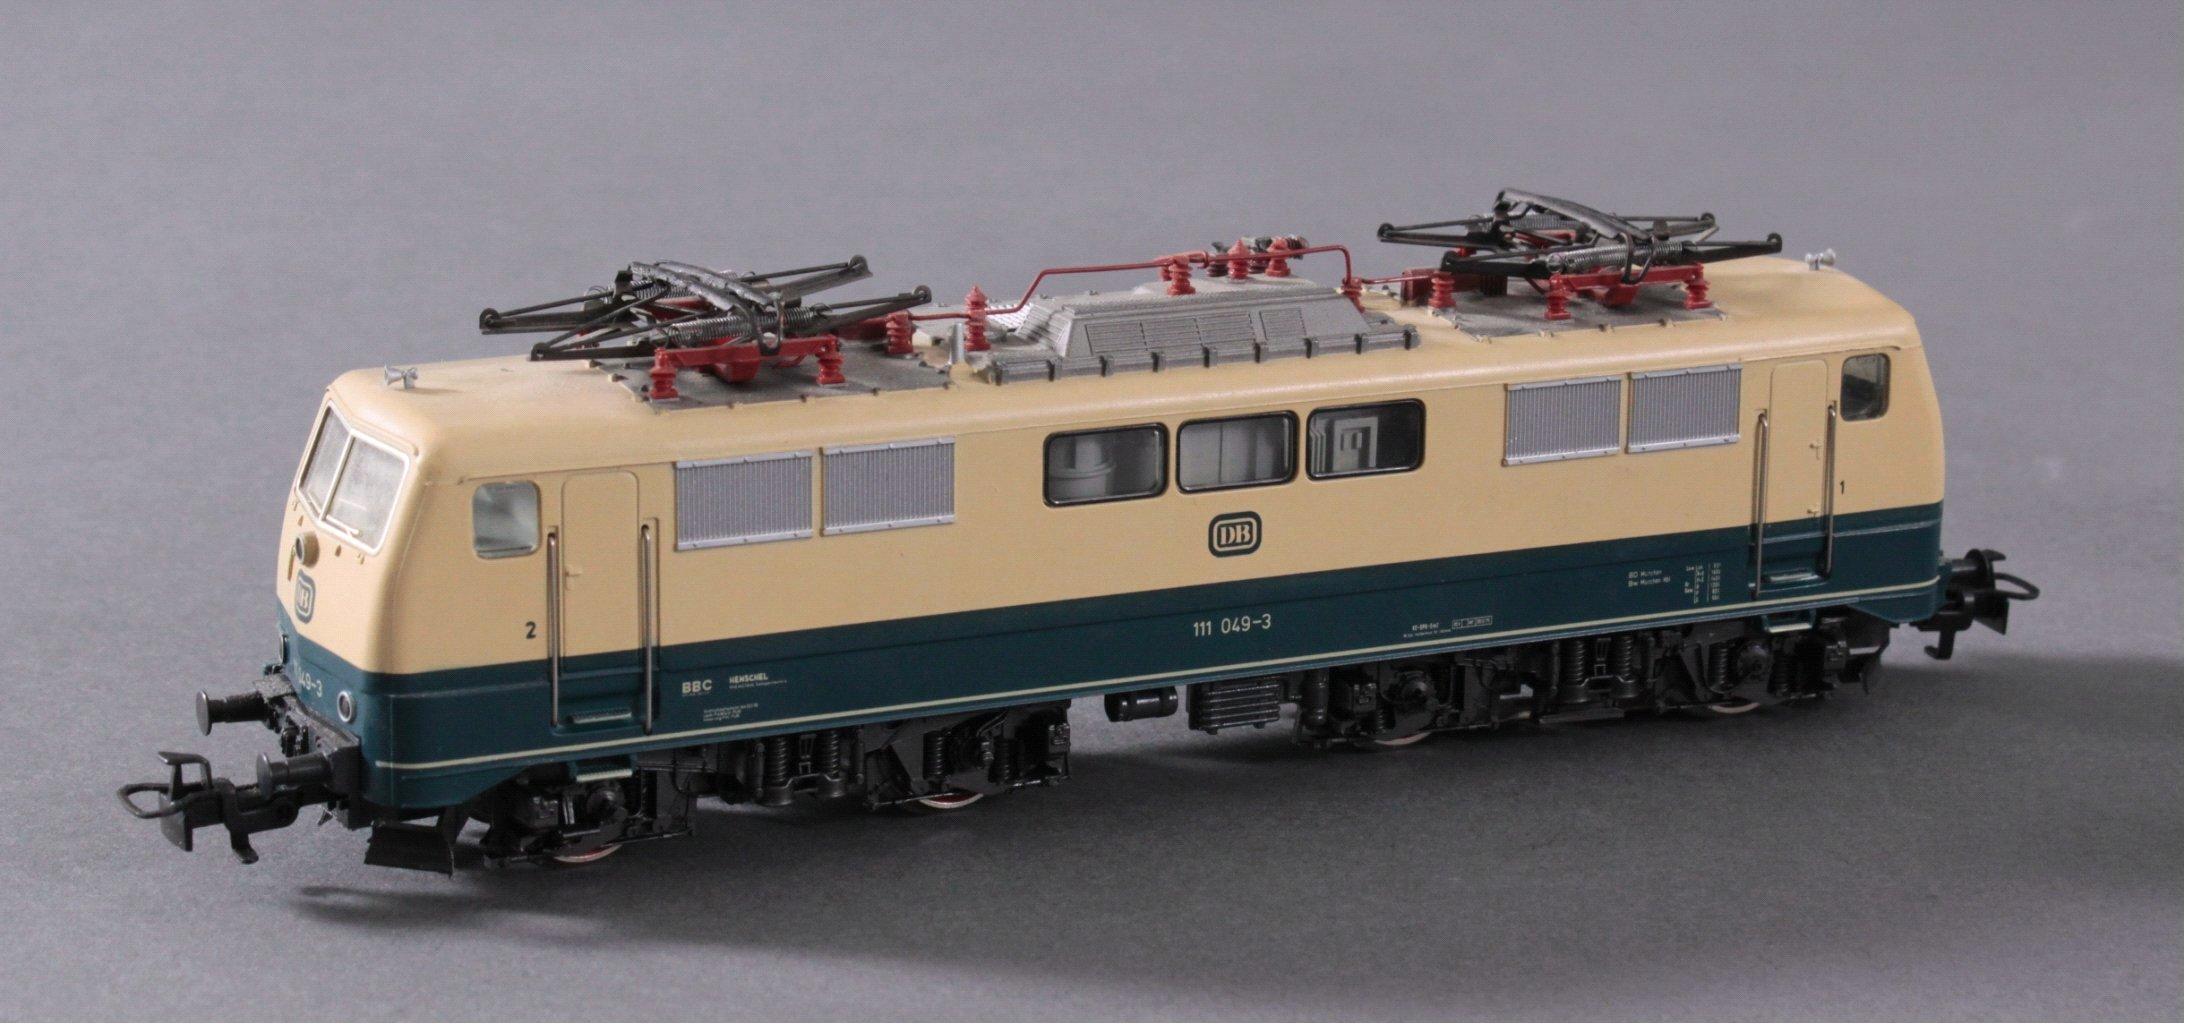 Märklin H0 3642 E-Lok Baureihe 111 049-3 DB in beige mit-1